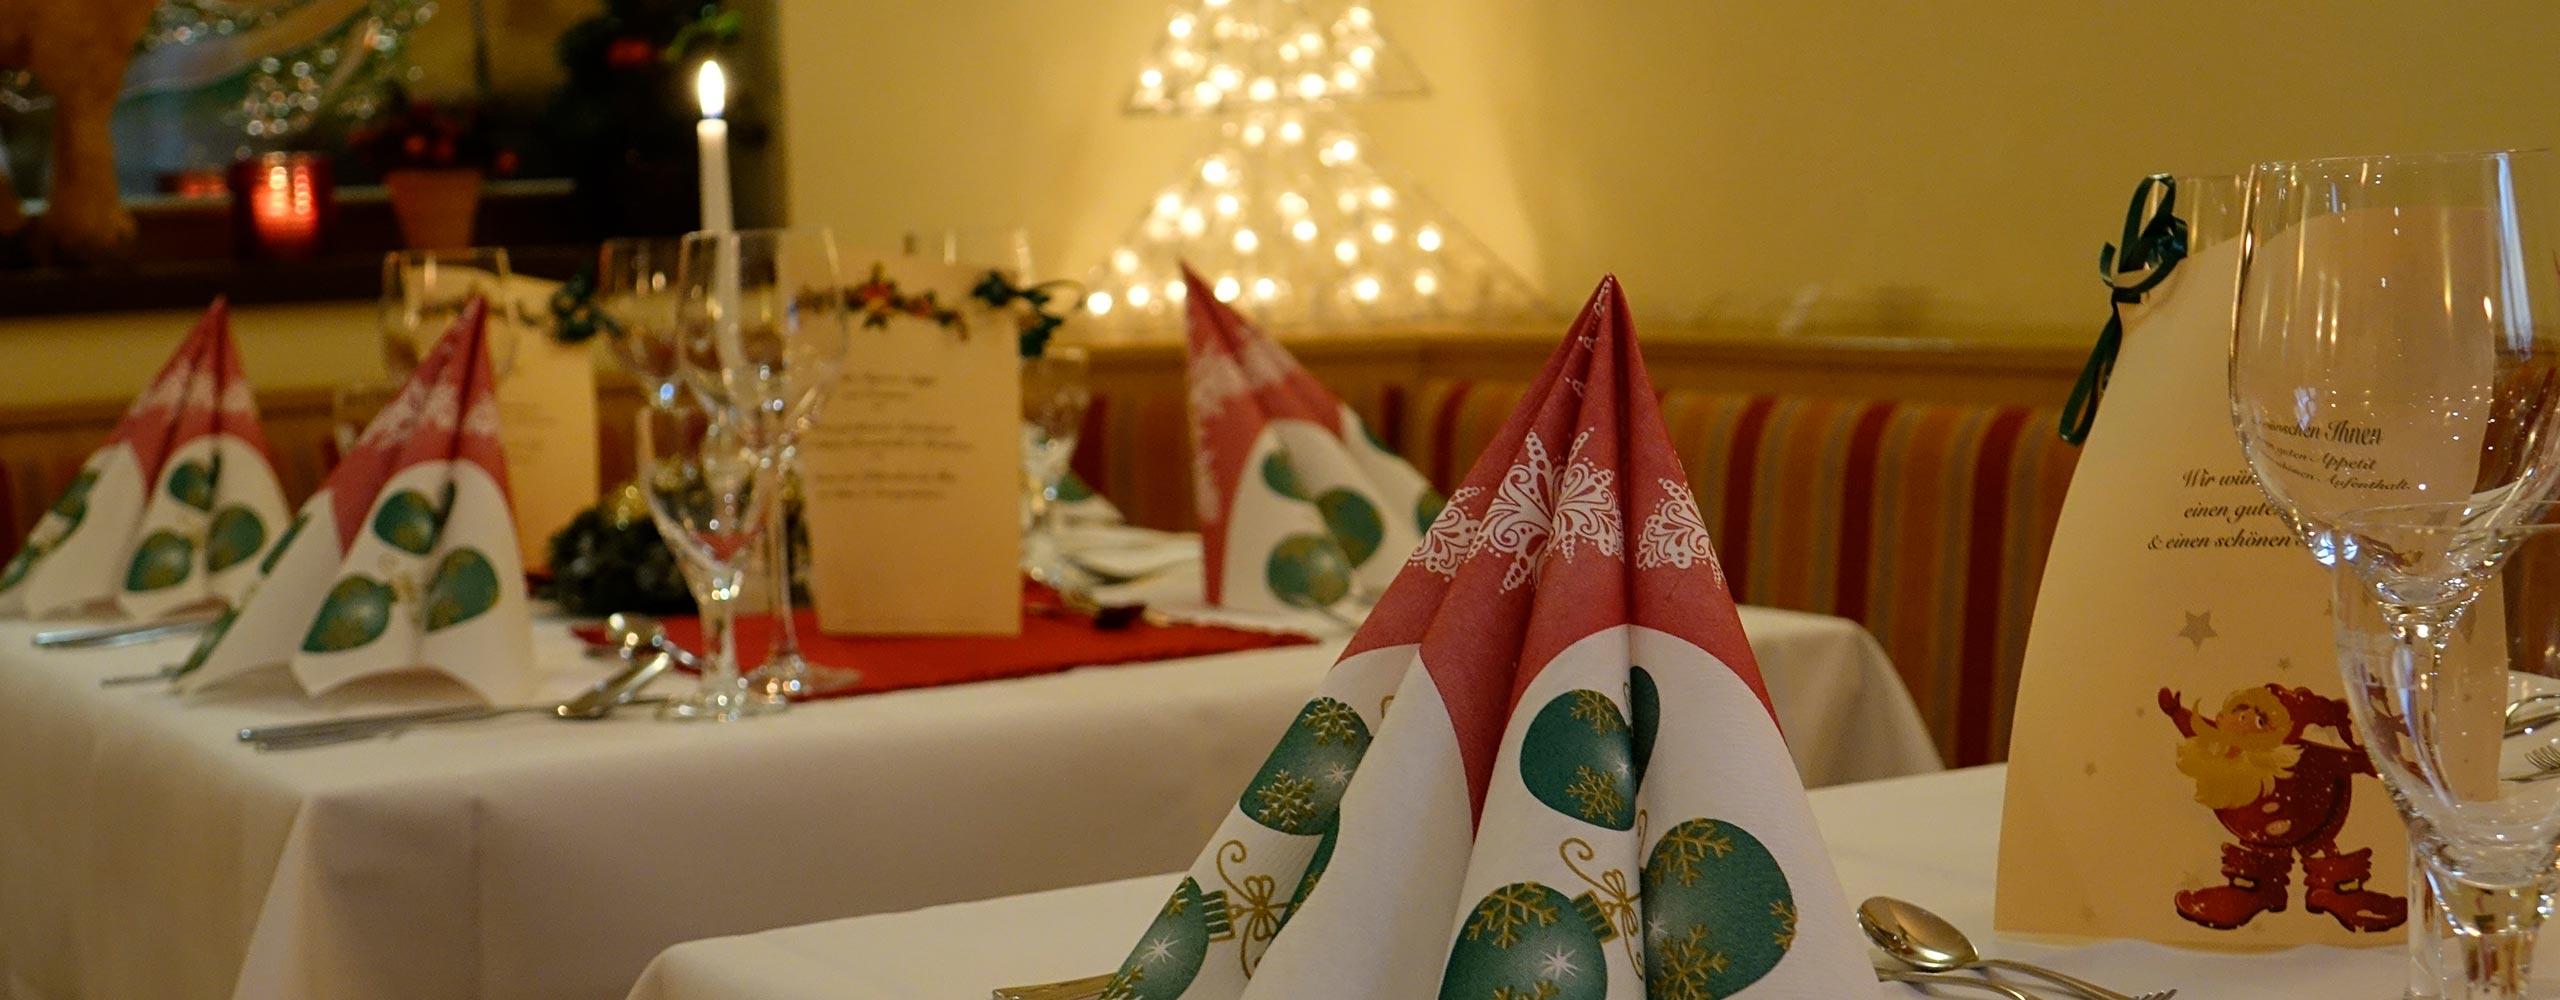 Weihnachtsfeier Tischdekoration | Oberhof Hotel Urlaub im Thüringenschanze